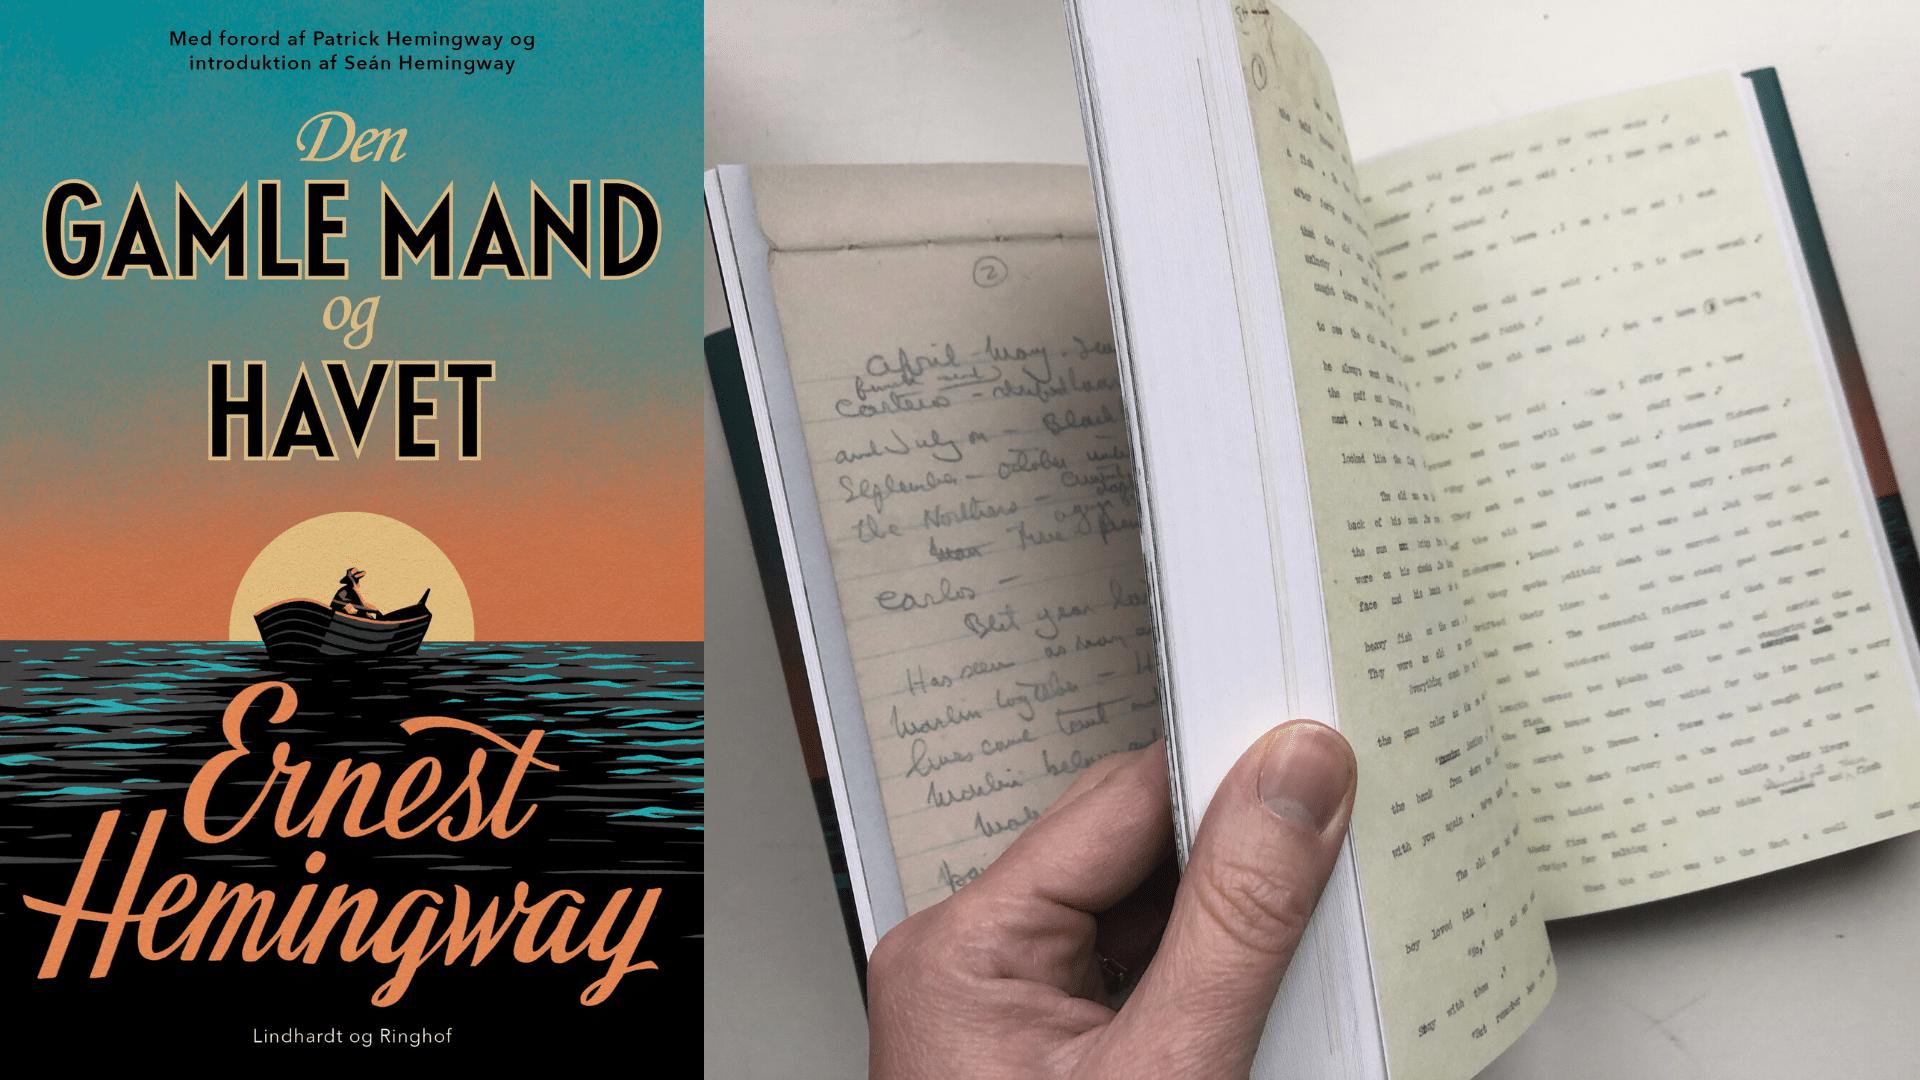 Hemingway, Ernest Hemingway, Den gamle mand og havet, KLassikere, Læs klassikere, Nobelpris